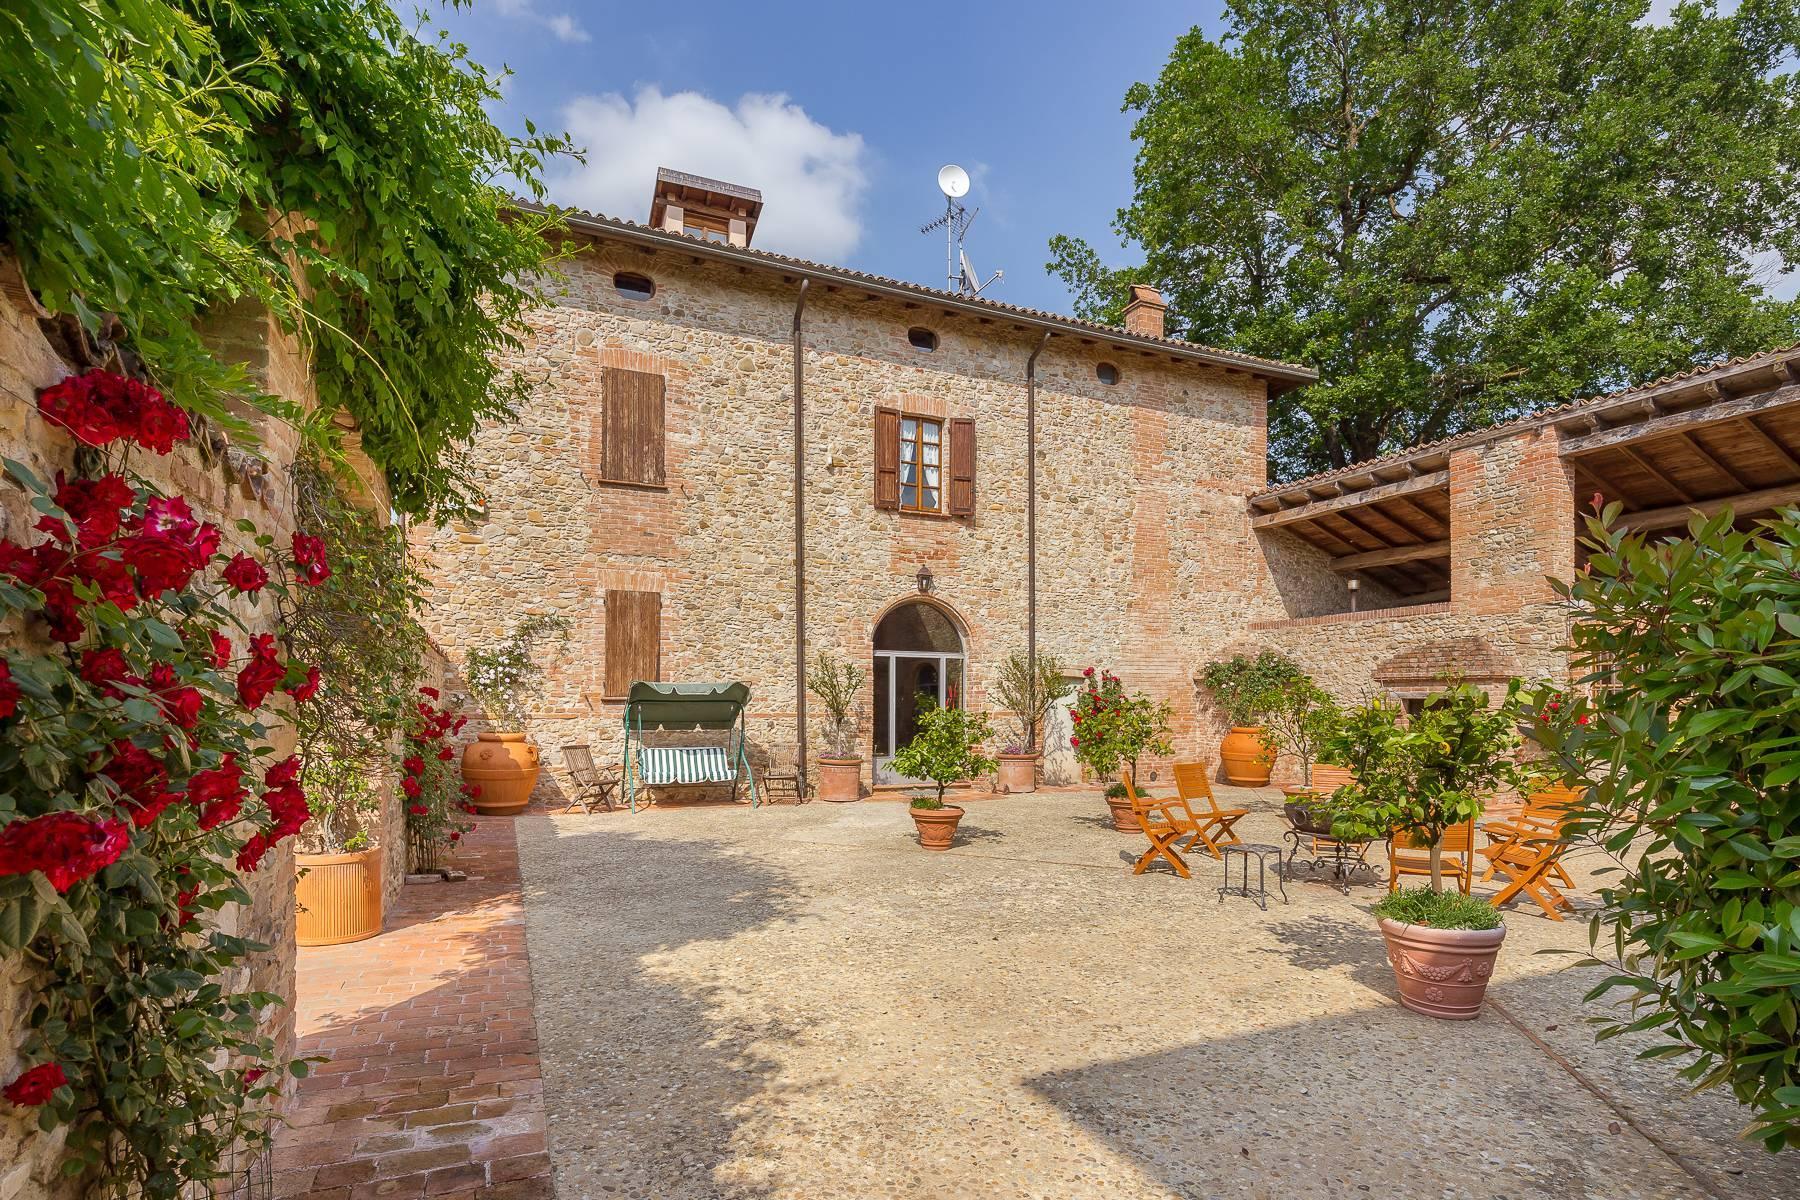 Antikes charmantes Bauernhaus auf den Hügeln von Piacenza - 5